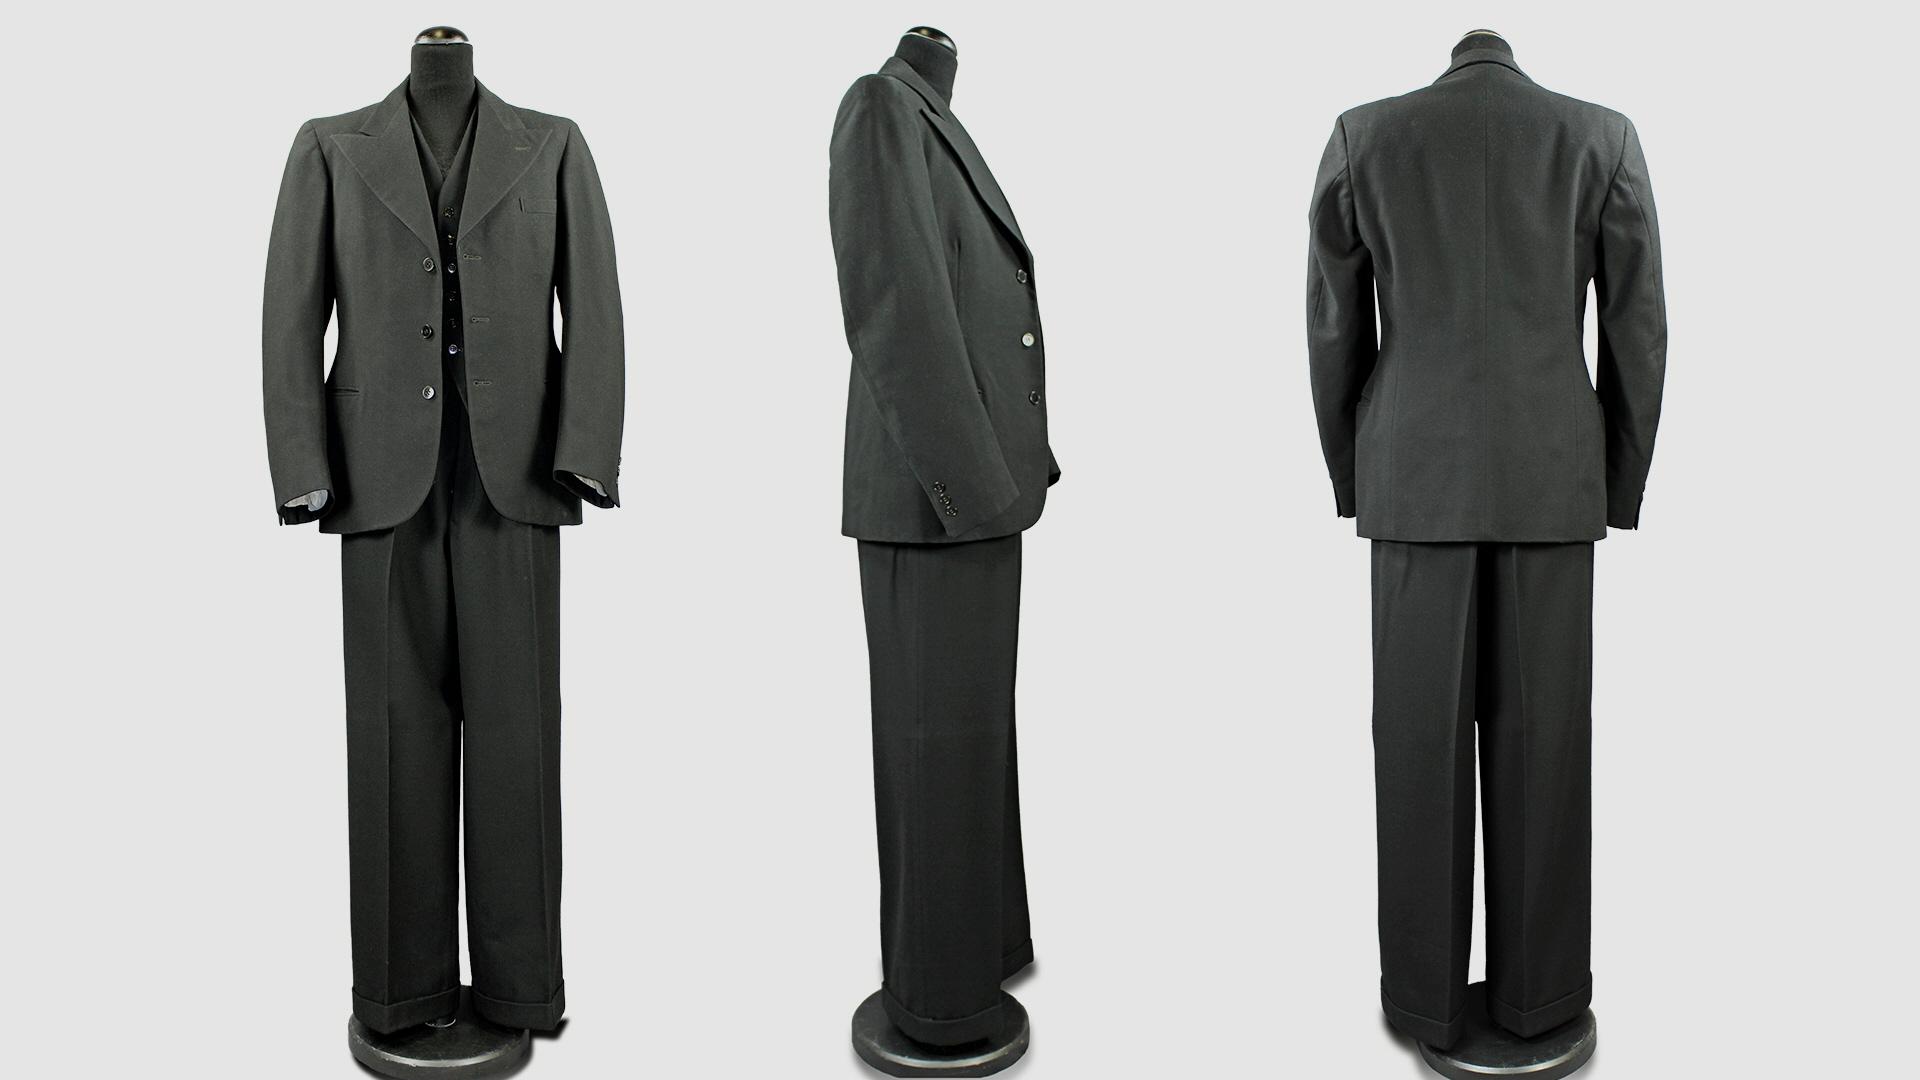 4e8156c74ae0 Tredelad kostym av svart ylletyg som har tillhört Sven Hellman. Kavaj, väst  och byxa är av samma material. Daterad till 1930-talet.